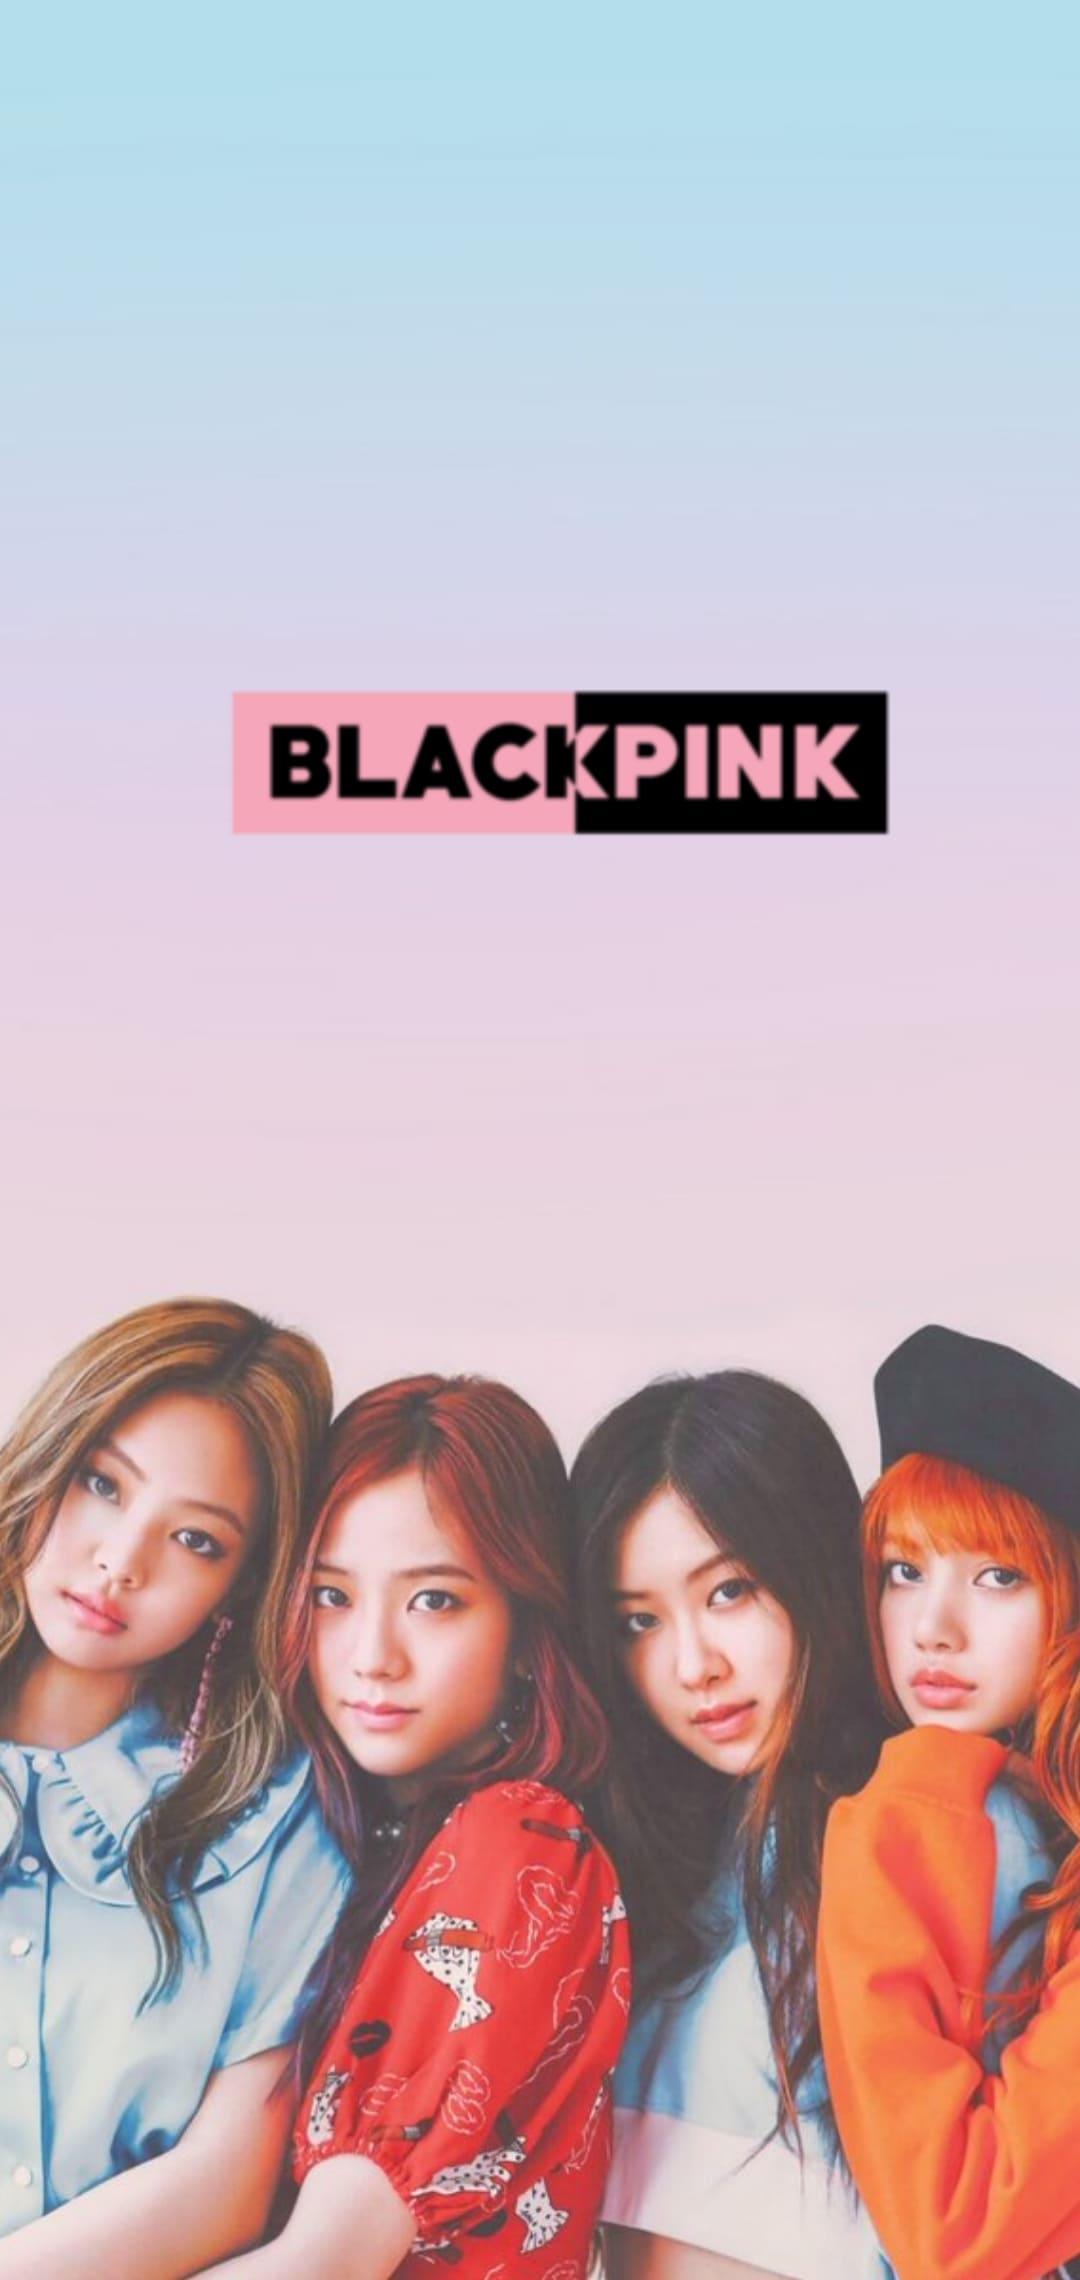 75 ᐈ Blackpink Wallpapers Free 4k Blackpink Backgrounds Hd